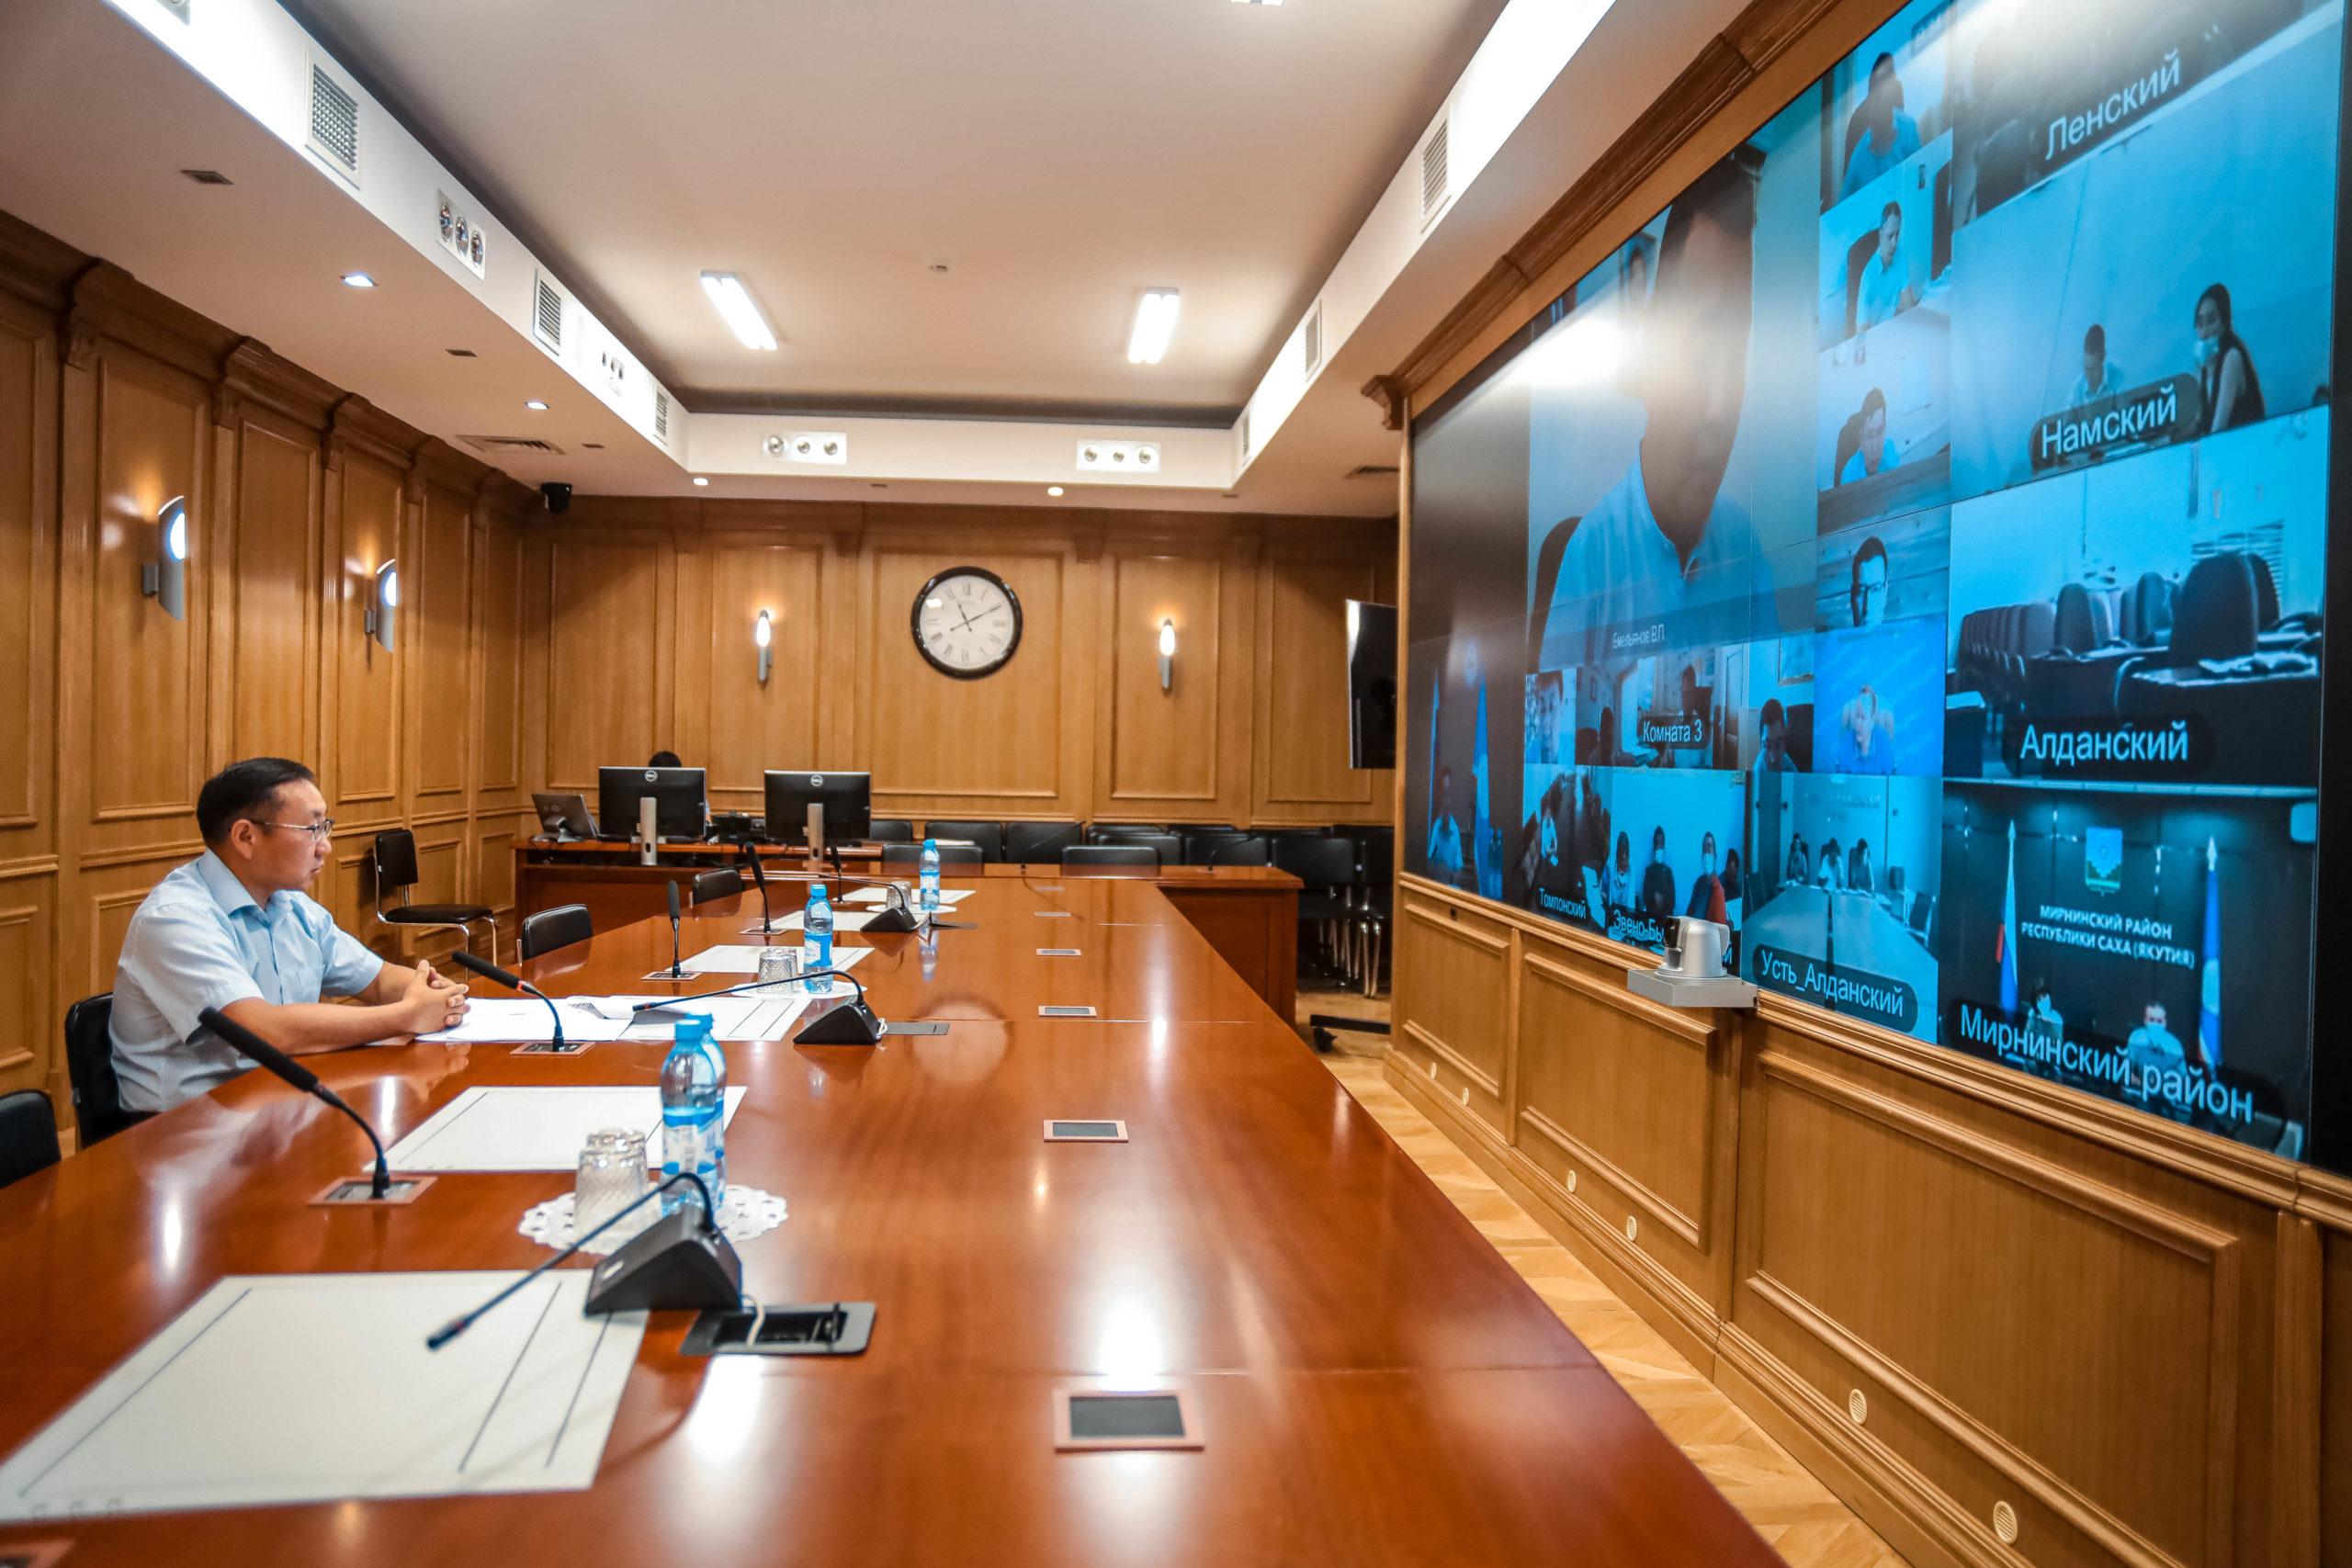 Готовность к отопительному сезону объектов ЖКХ Якутии составила 50%